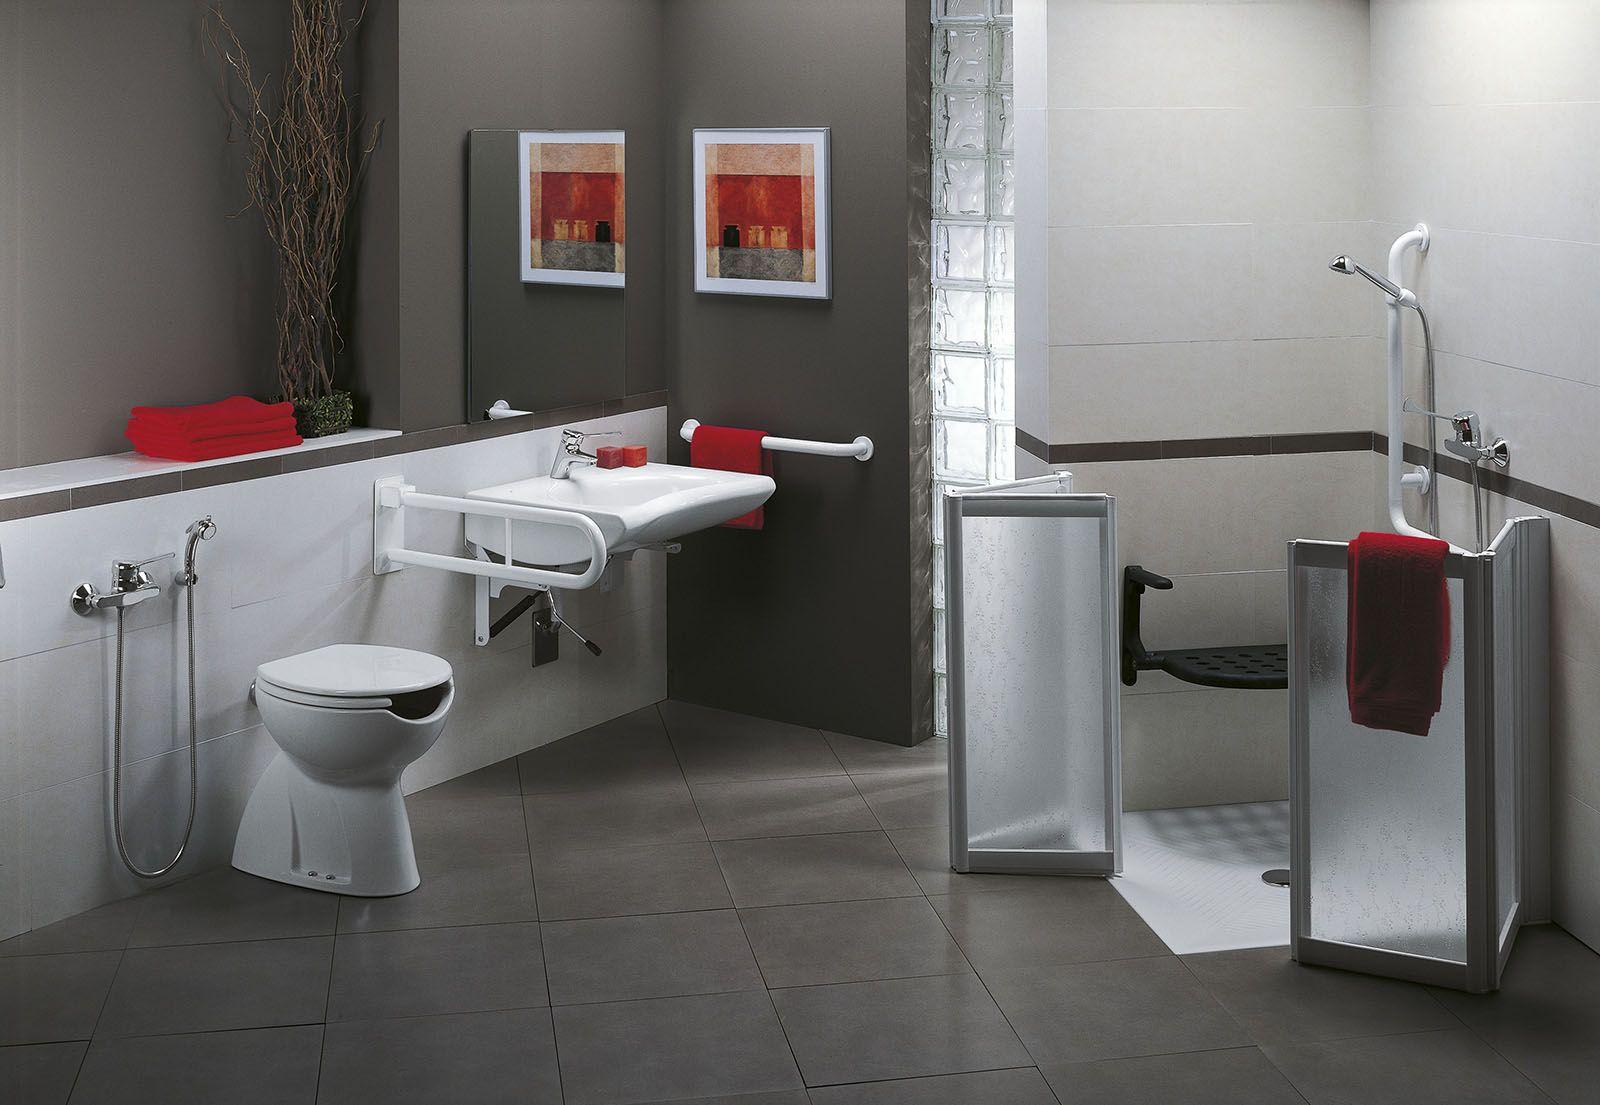 Bagno Handicap ~ Un bagno più comodo anche per anziani e disabili cose di casa